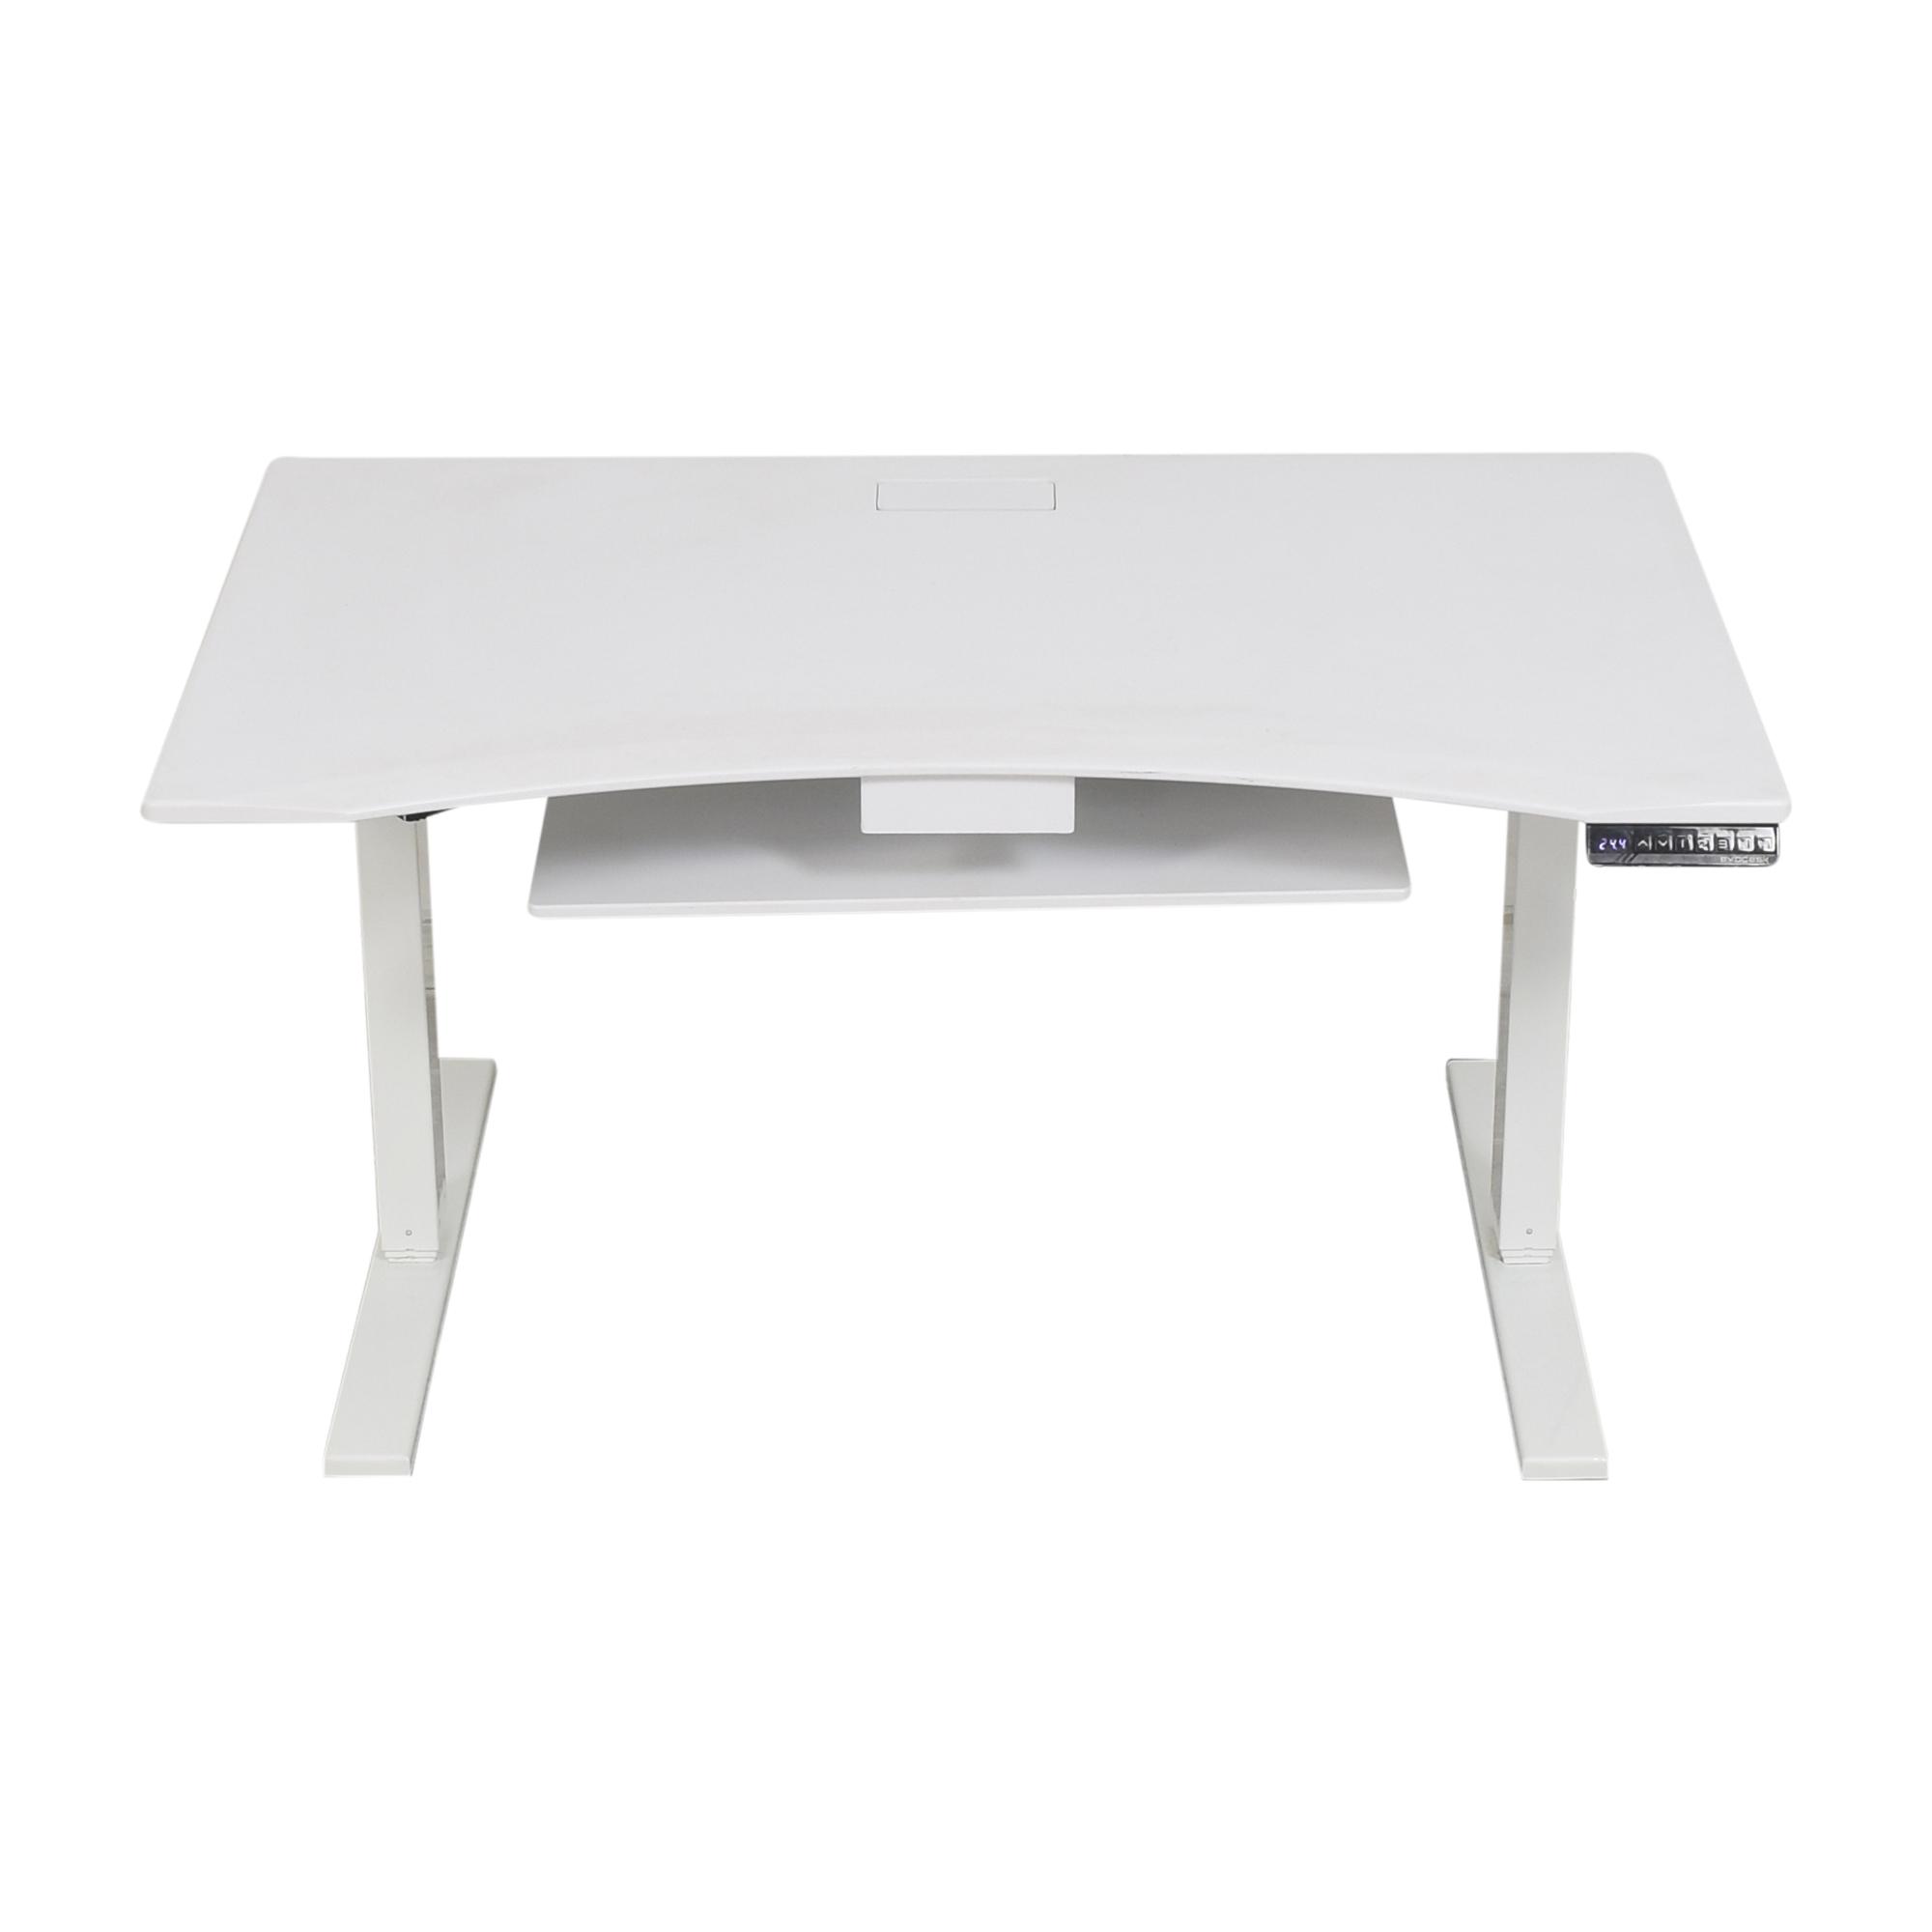 Evodesk Evodesk Power Adjustable Standing Desk ma